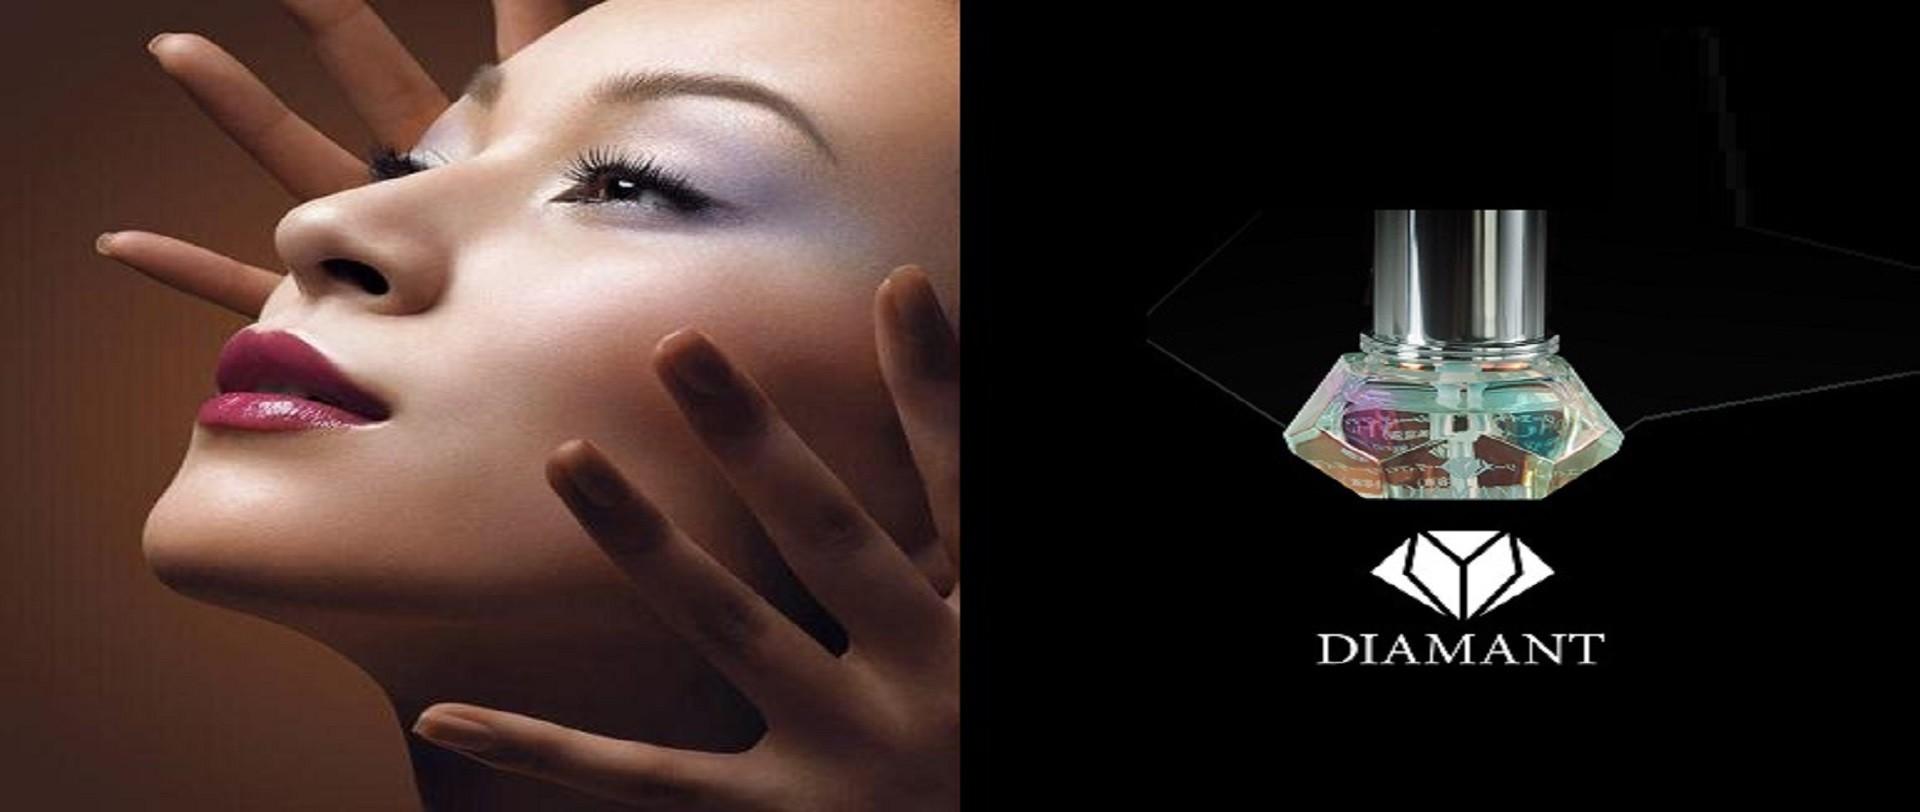 GHC Diamant - плацентарная сыворотка